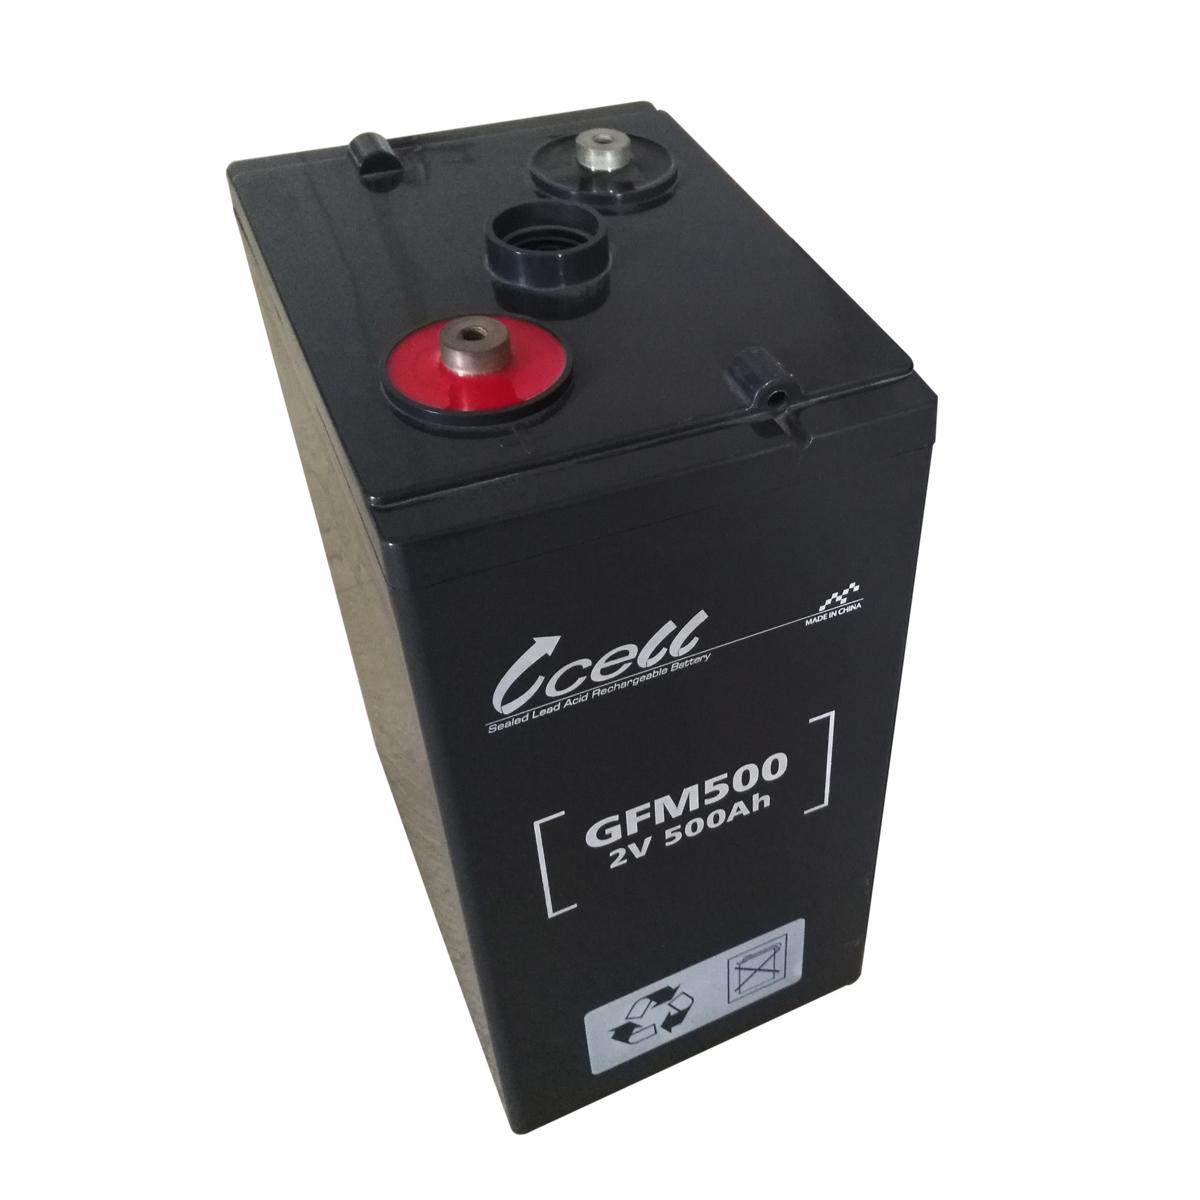 GFM500